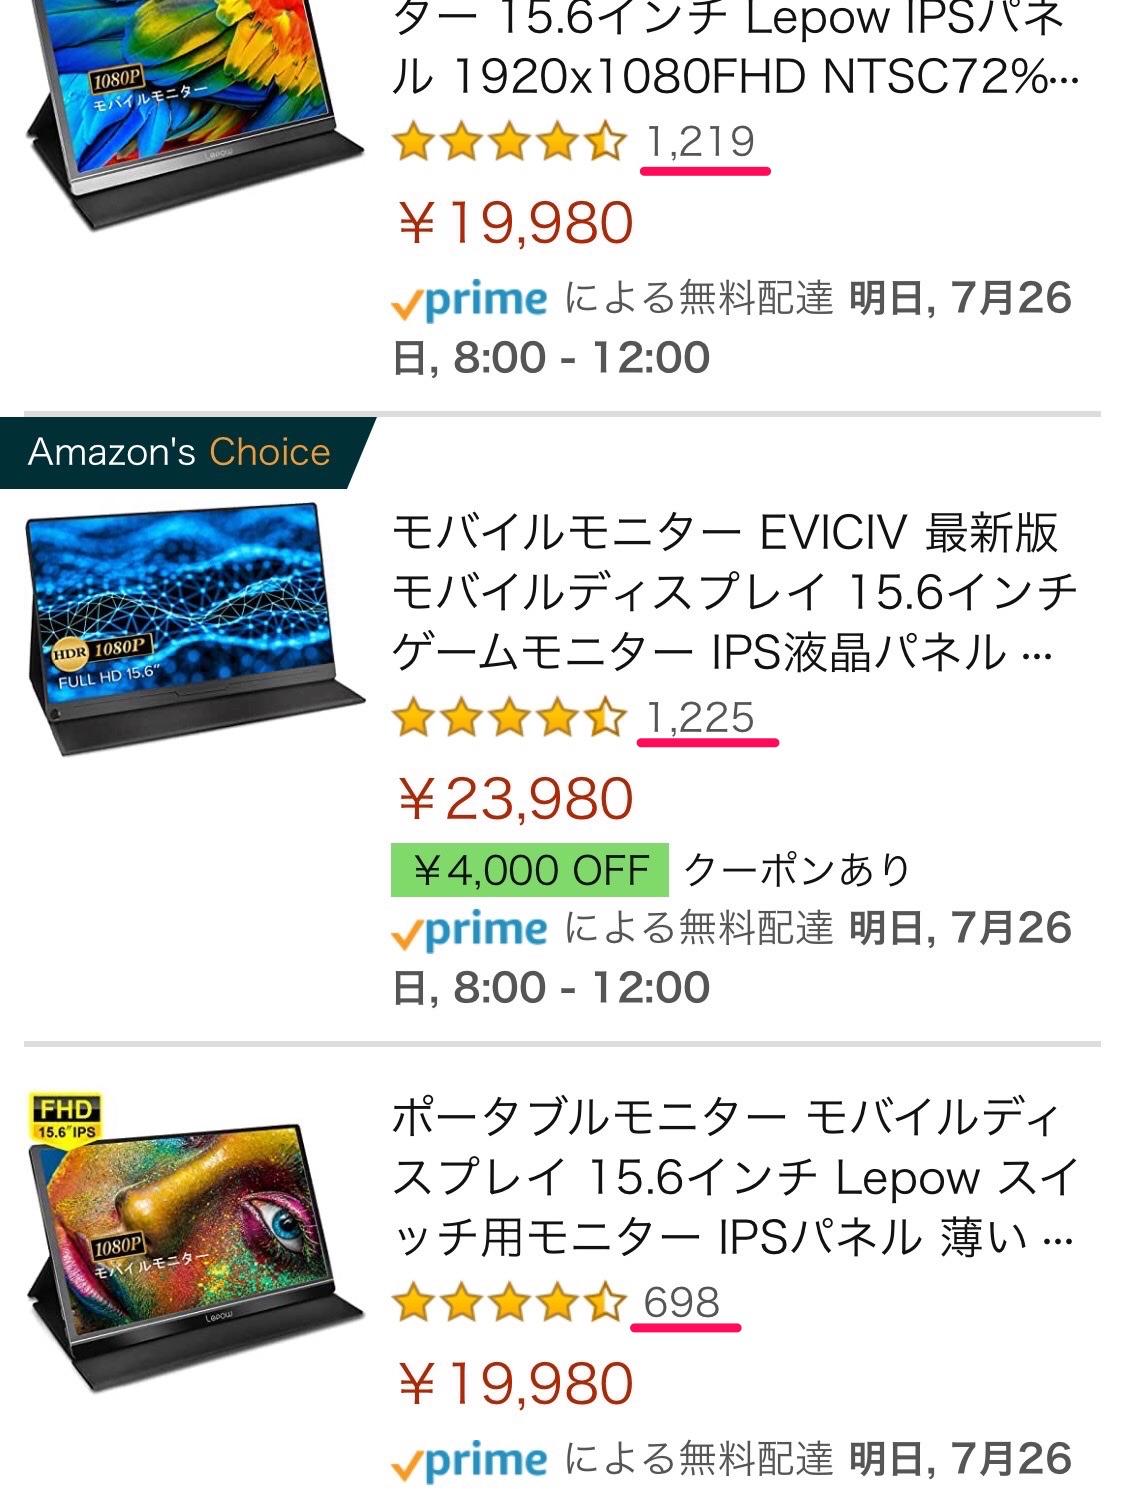 レビューが多いモバイルモニター商品